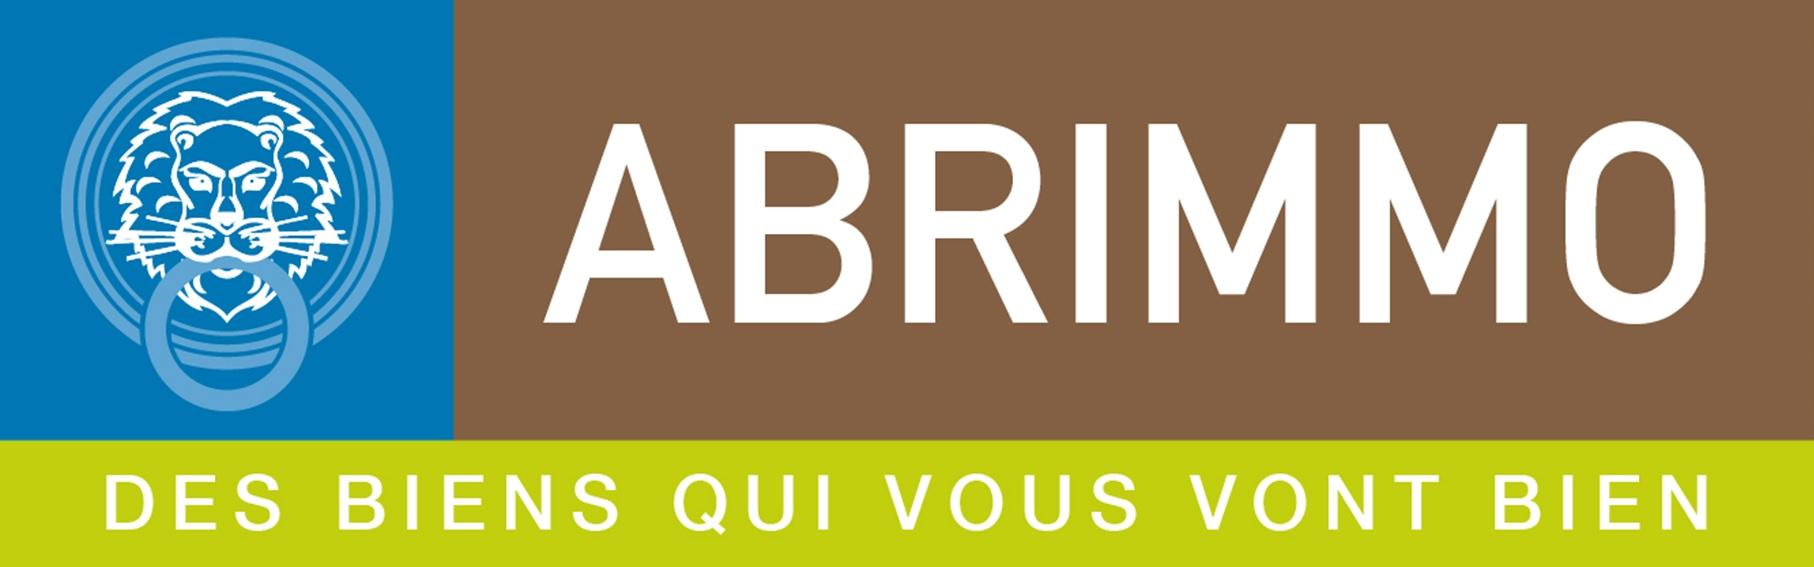 ABRIMMO HENIN BEAUMONT agence immobilière à HENIN BEAUMONT 62110